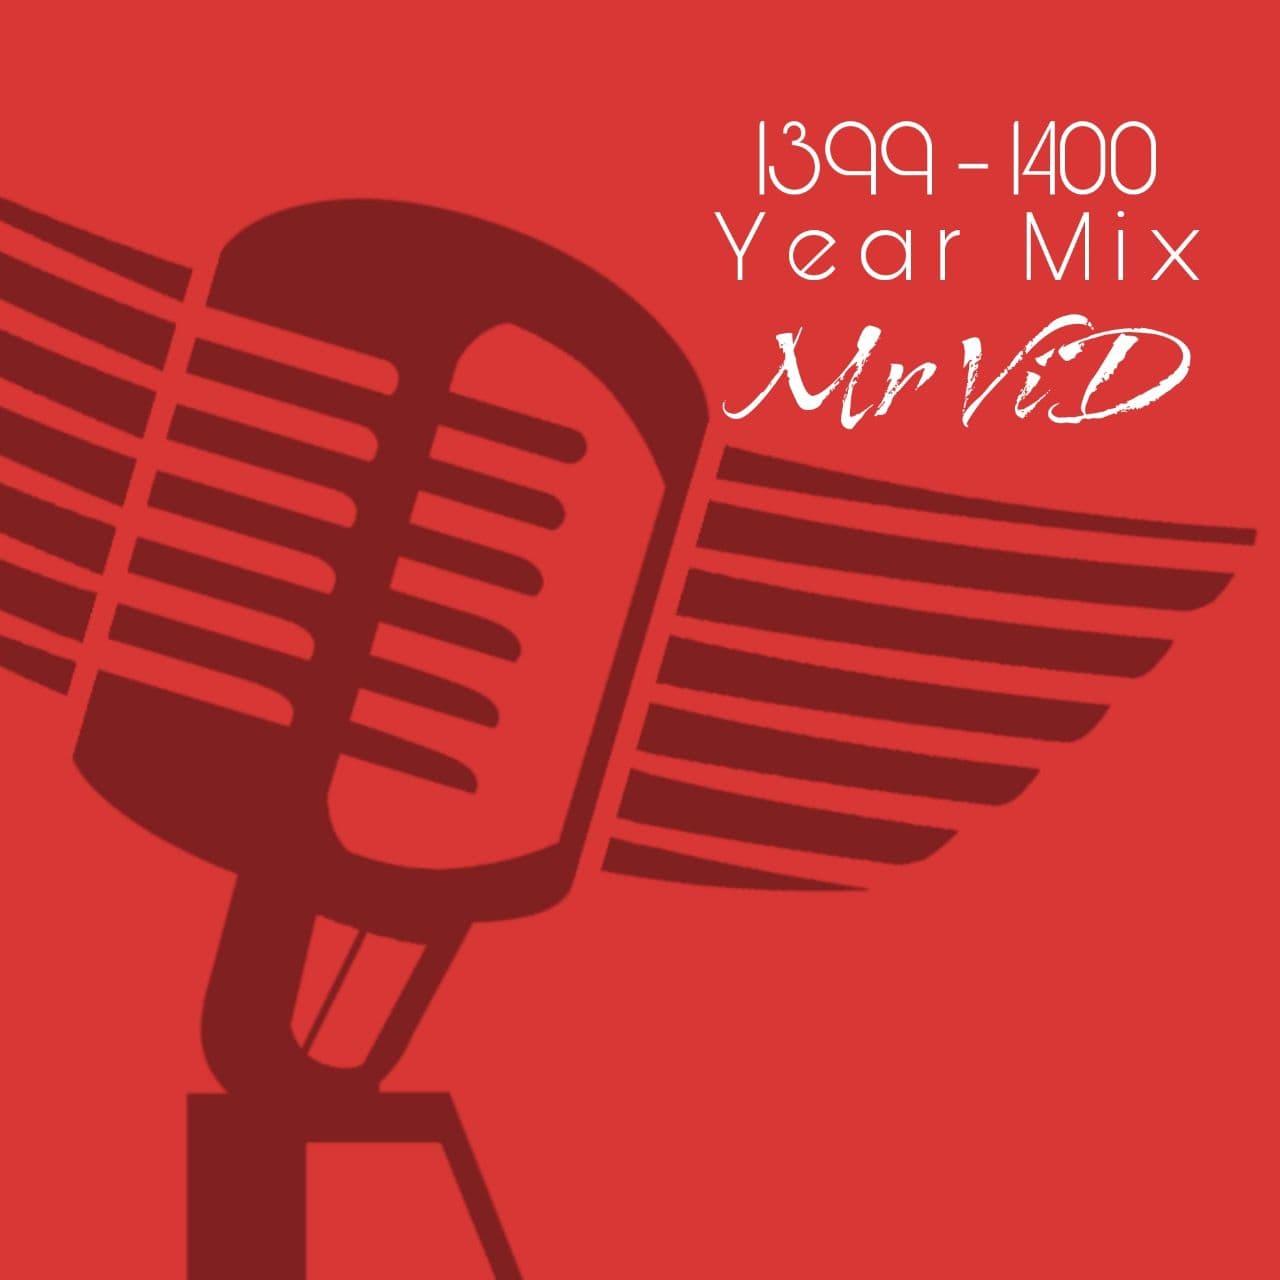 دانلود آهنگ جدید مستر وی آی دی میکس سال 1399 - 1400